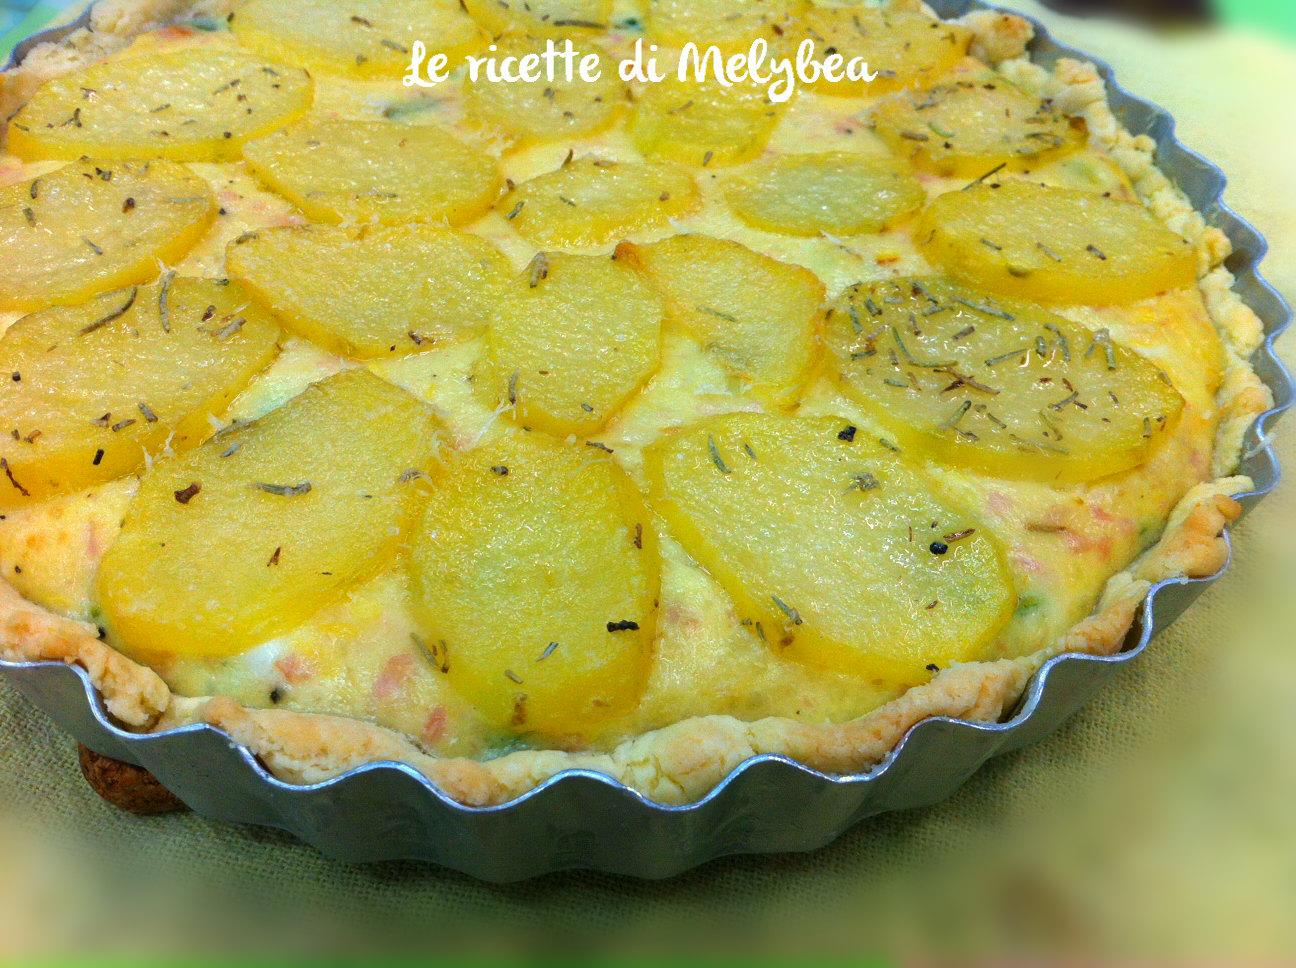 Torta salata con patate e zucchine le ricette di melybea for Torte salate con pasta sfoglia